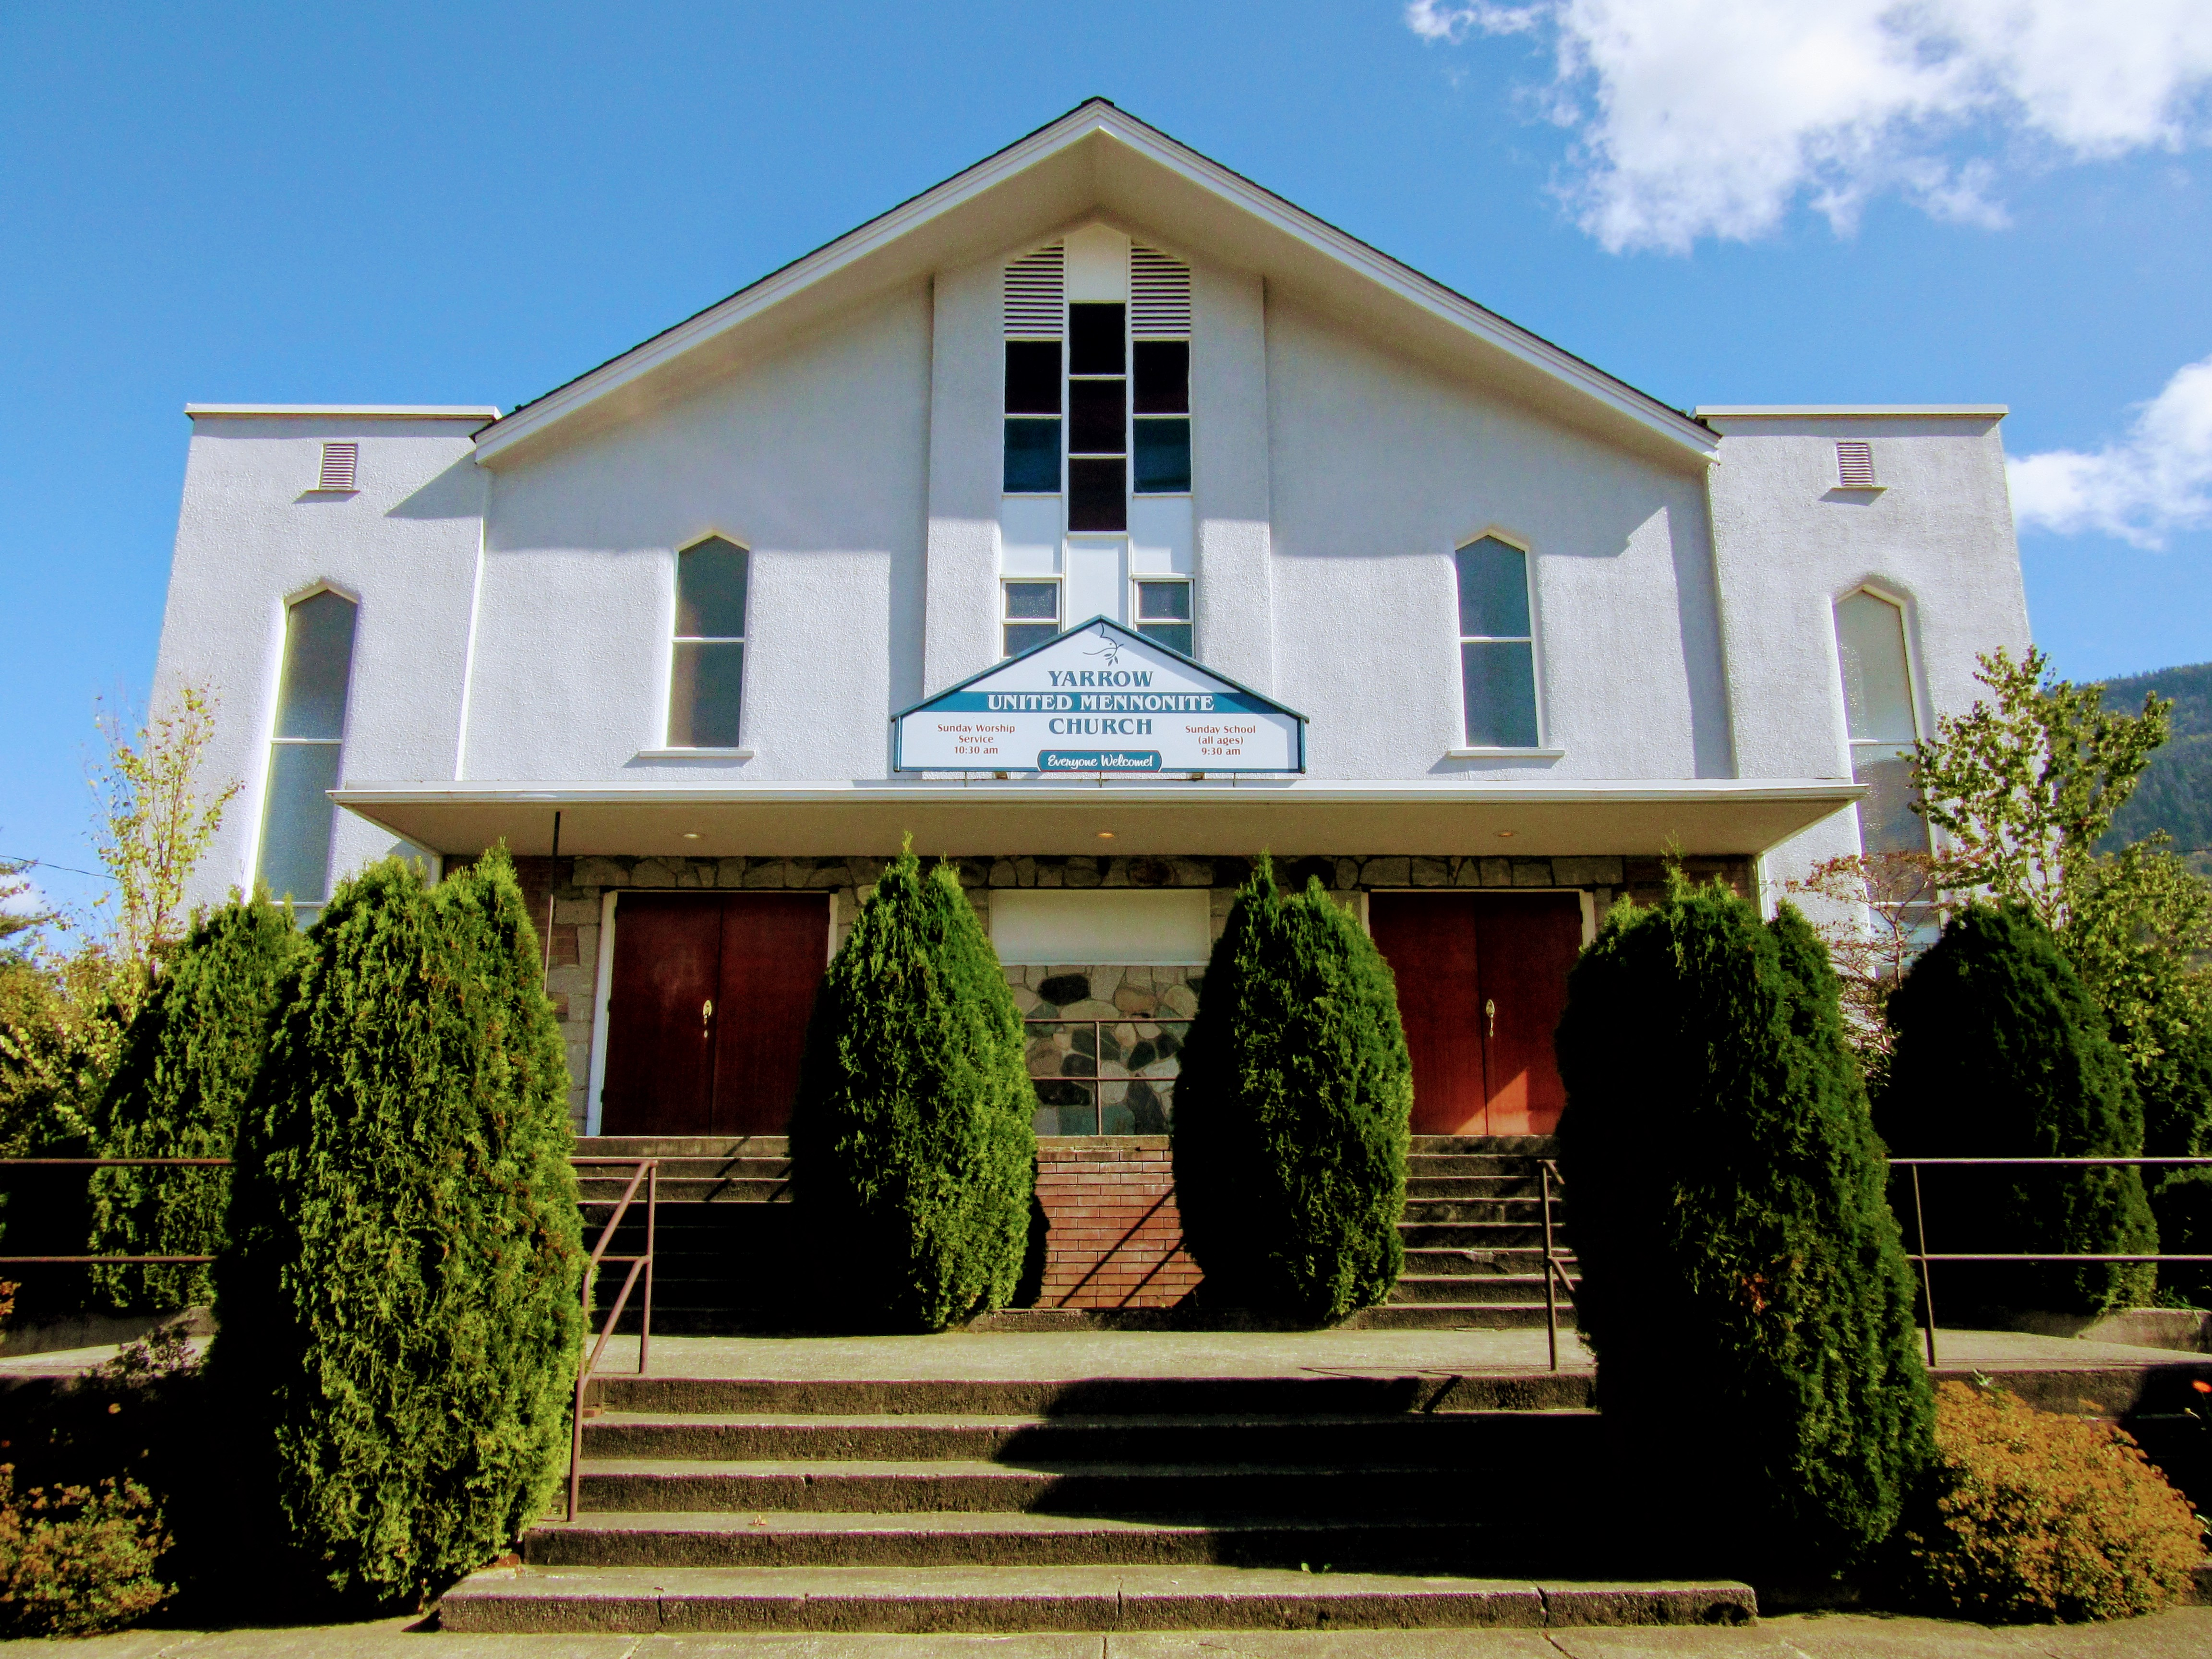 Yarrow United Mennonite Church A Friendly Church With A Big Heart